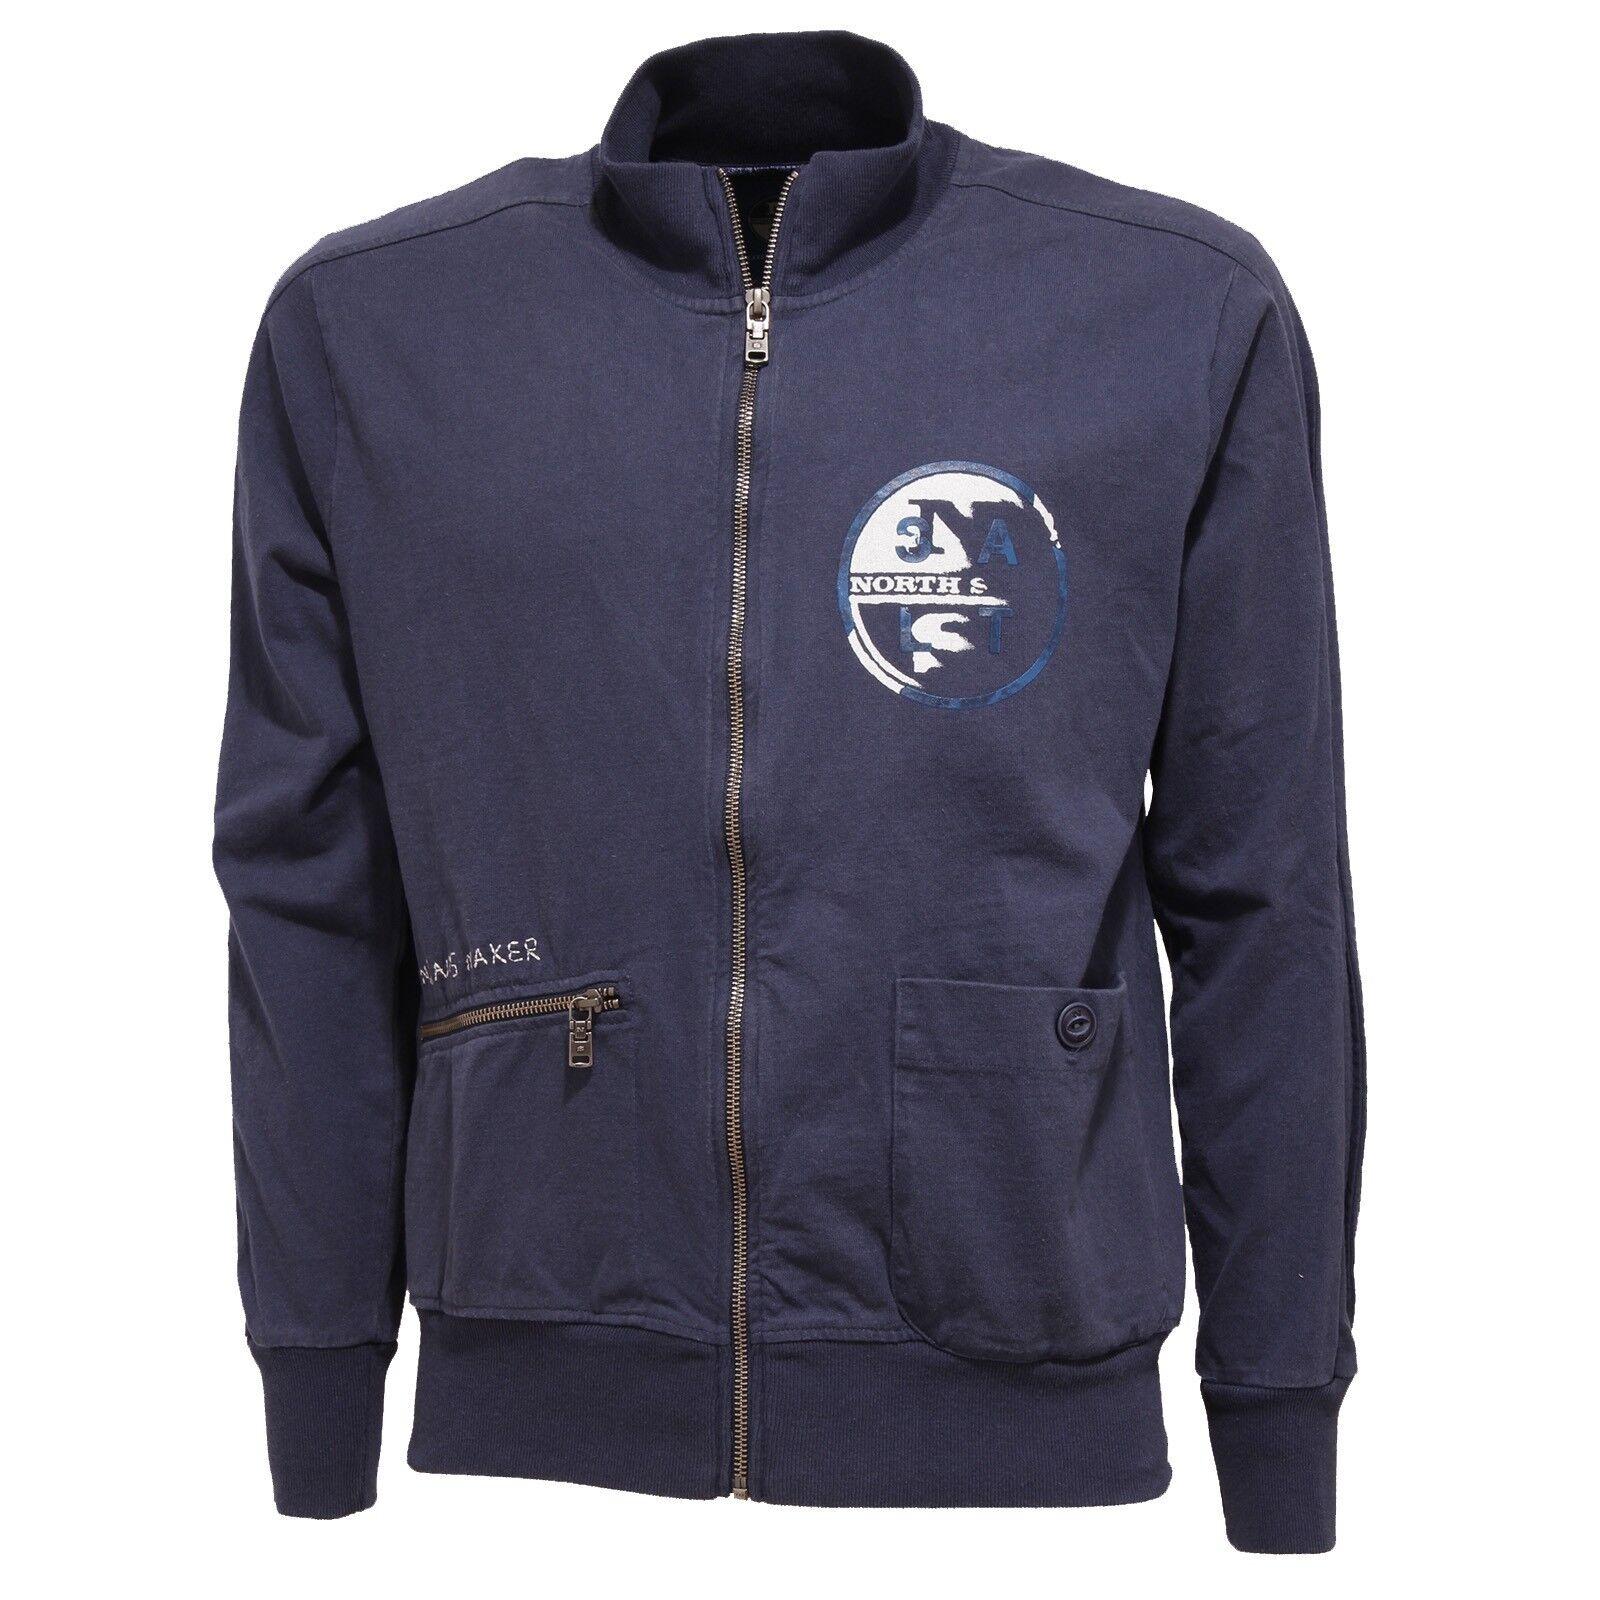 7724T NORTH felpa uomo NORTH 7724T SAILS blu delave  full zip coton  sweatshirt cotton men 134632 4354af7b969